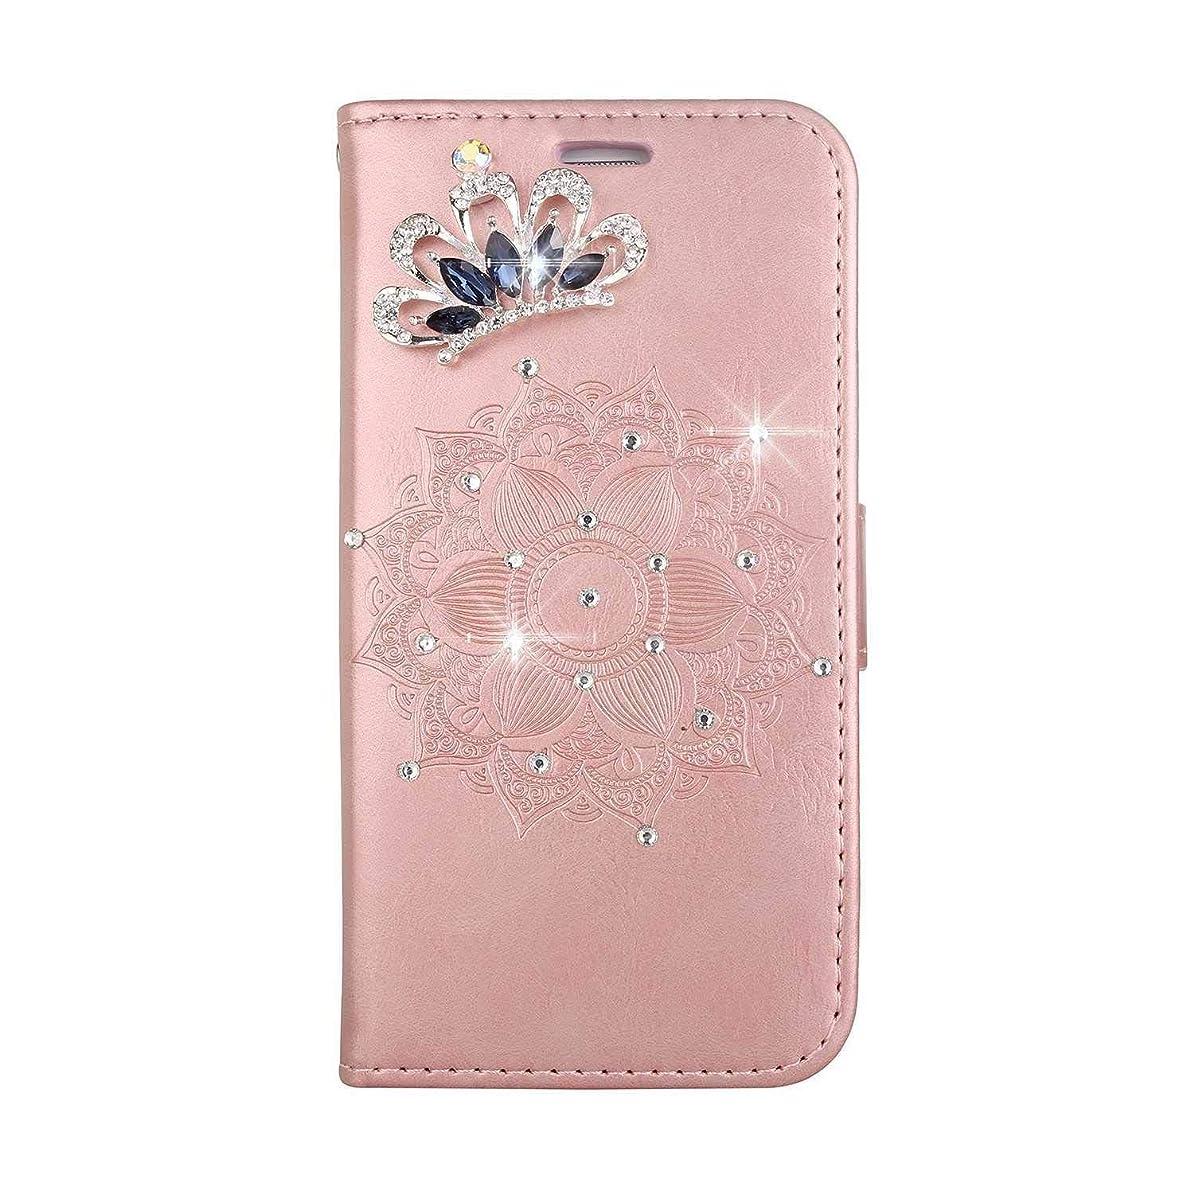 北東オープニング千OMATENTI Huawei Honor 8 ケース, ファッション人気ダイヤモンドの輝きエンボスパターン PUレザー 落下防止 財布型カバー 付きカードホルダー Huawei Honor 8 用,ピンク